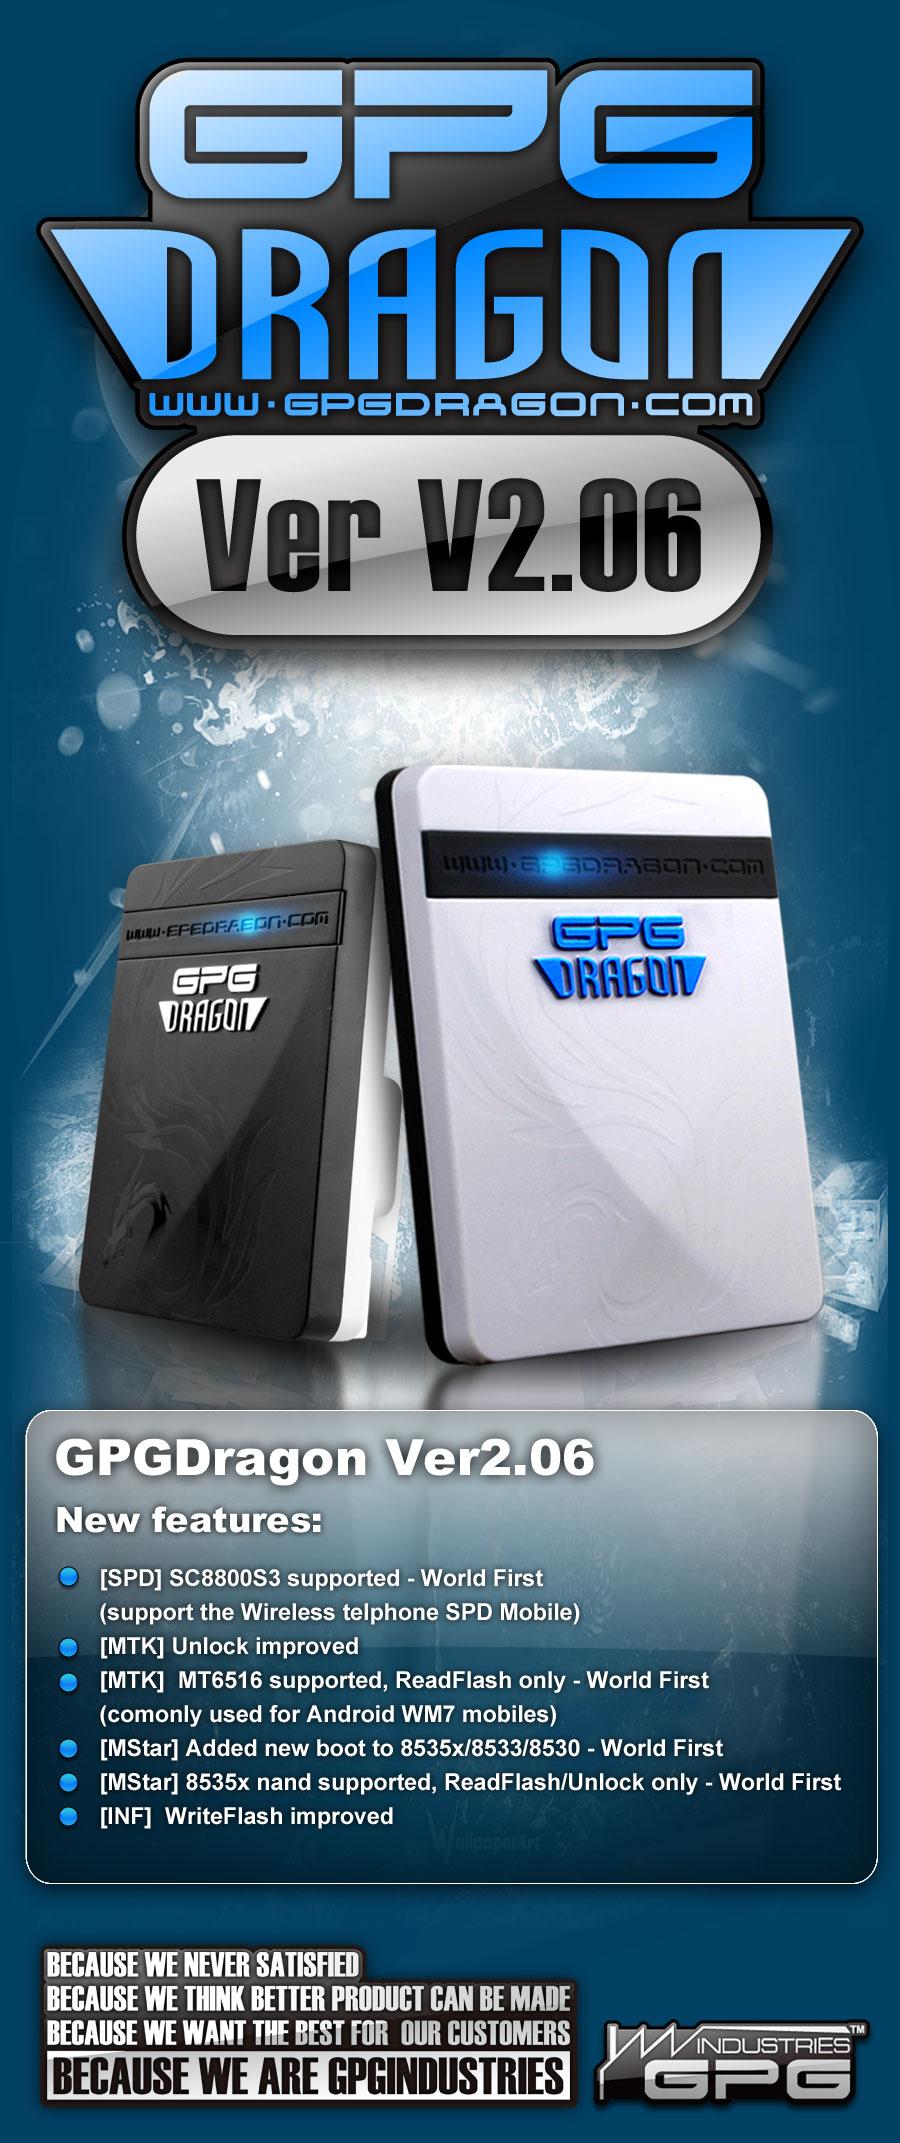 gpgdragon206